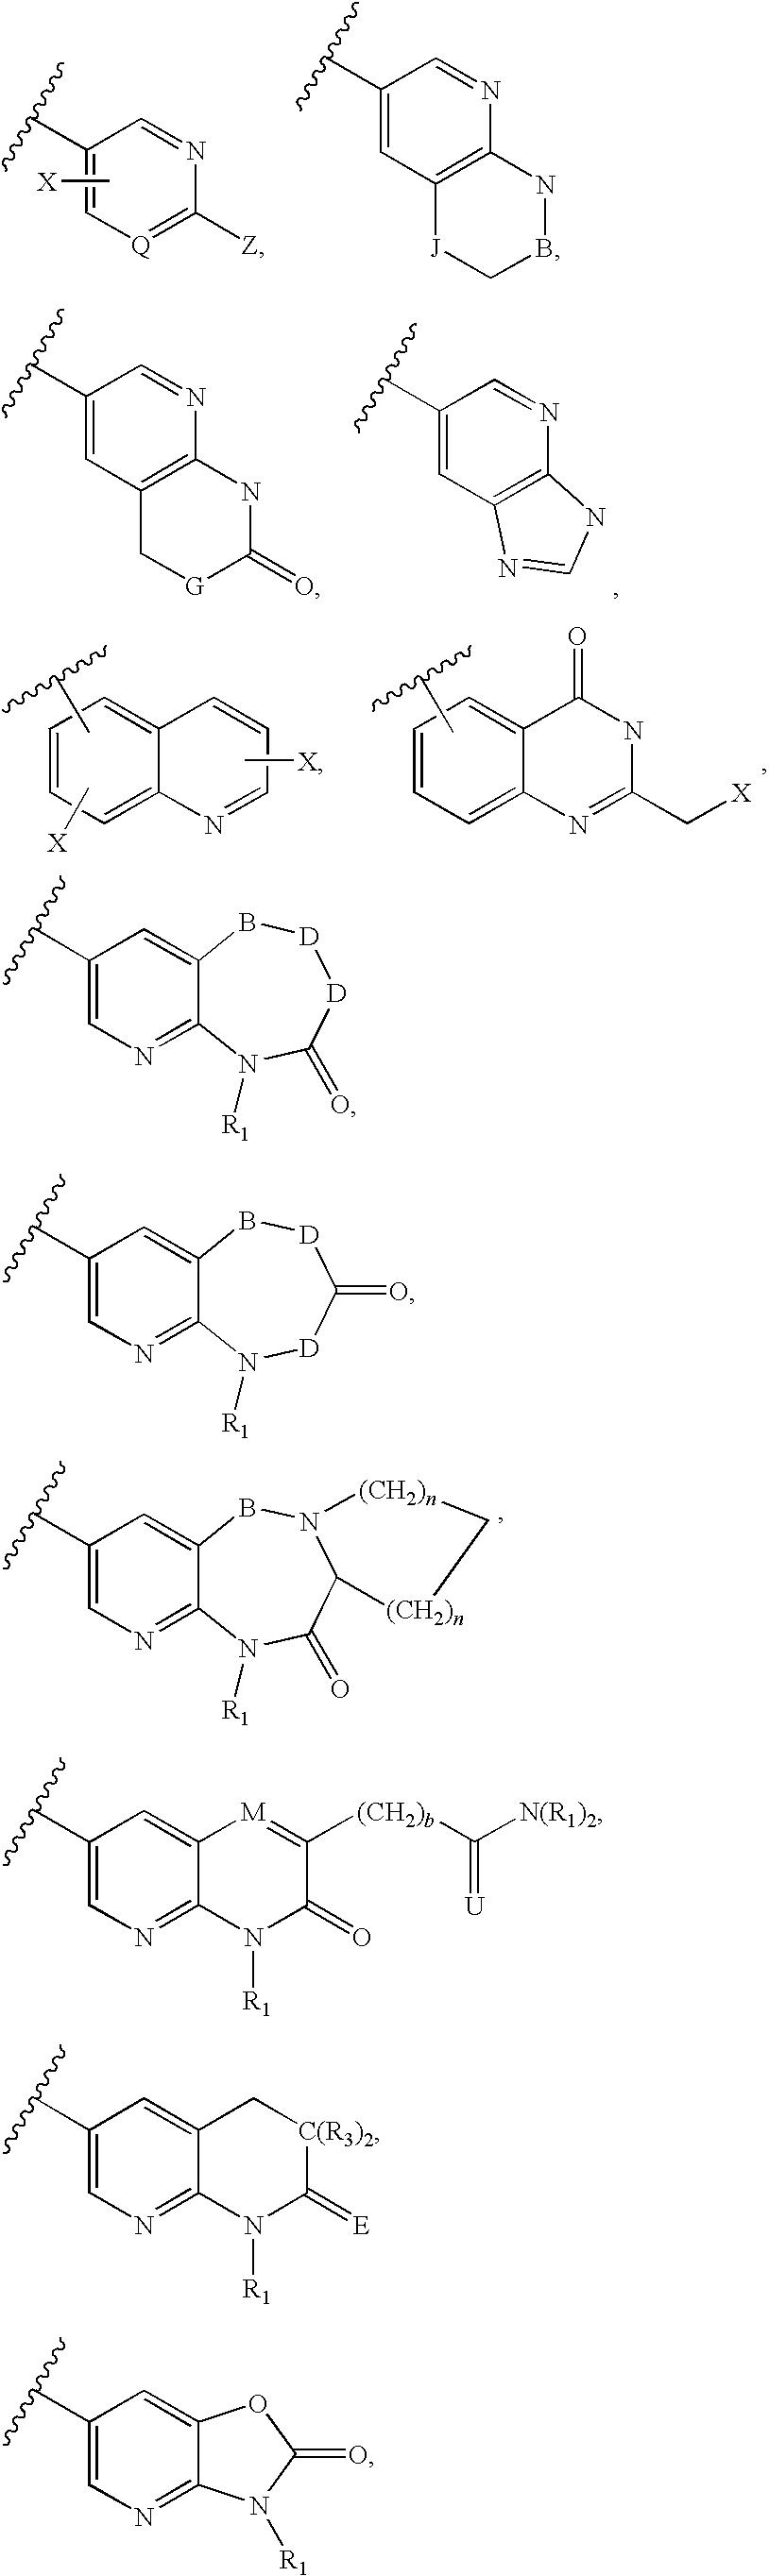 Figure US07790709-20100907-C00017